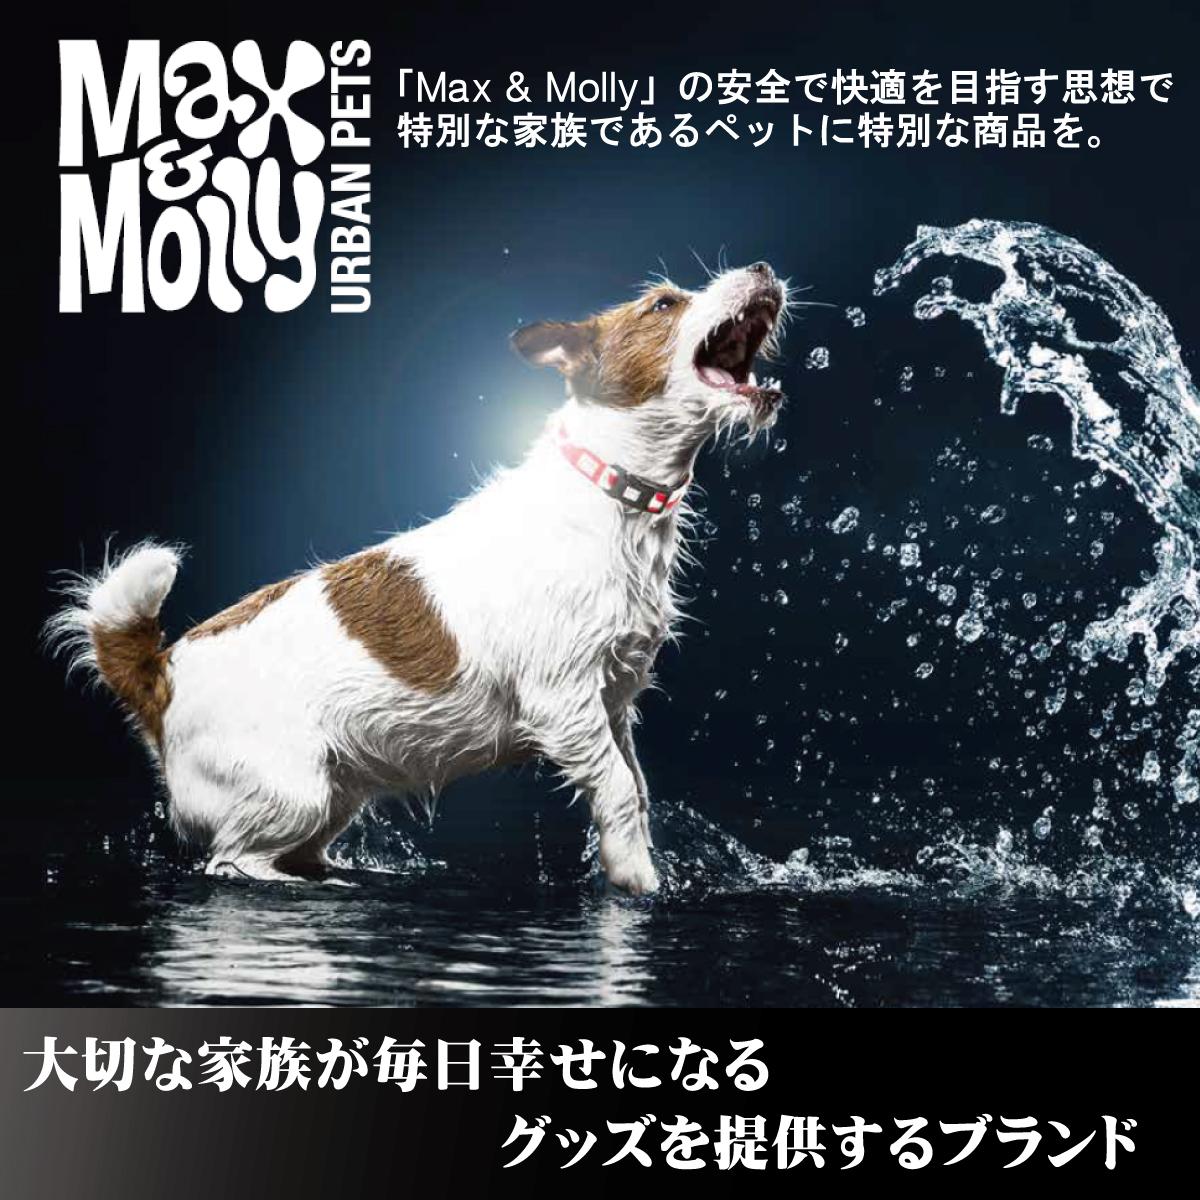 「Max & Molly」の安全で快適を目指す思想で特別な家族であるペットに特別な商品を。